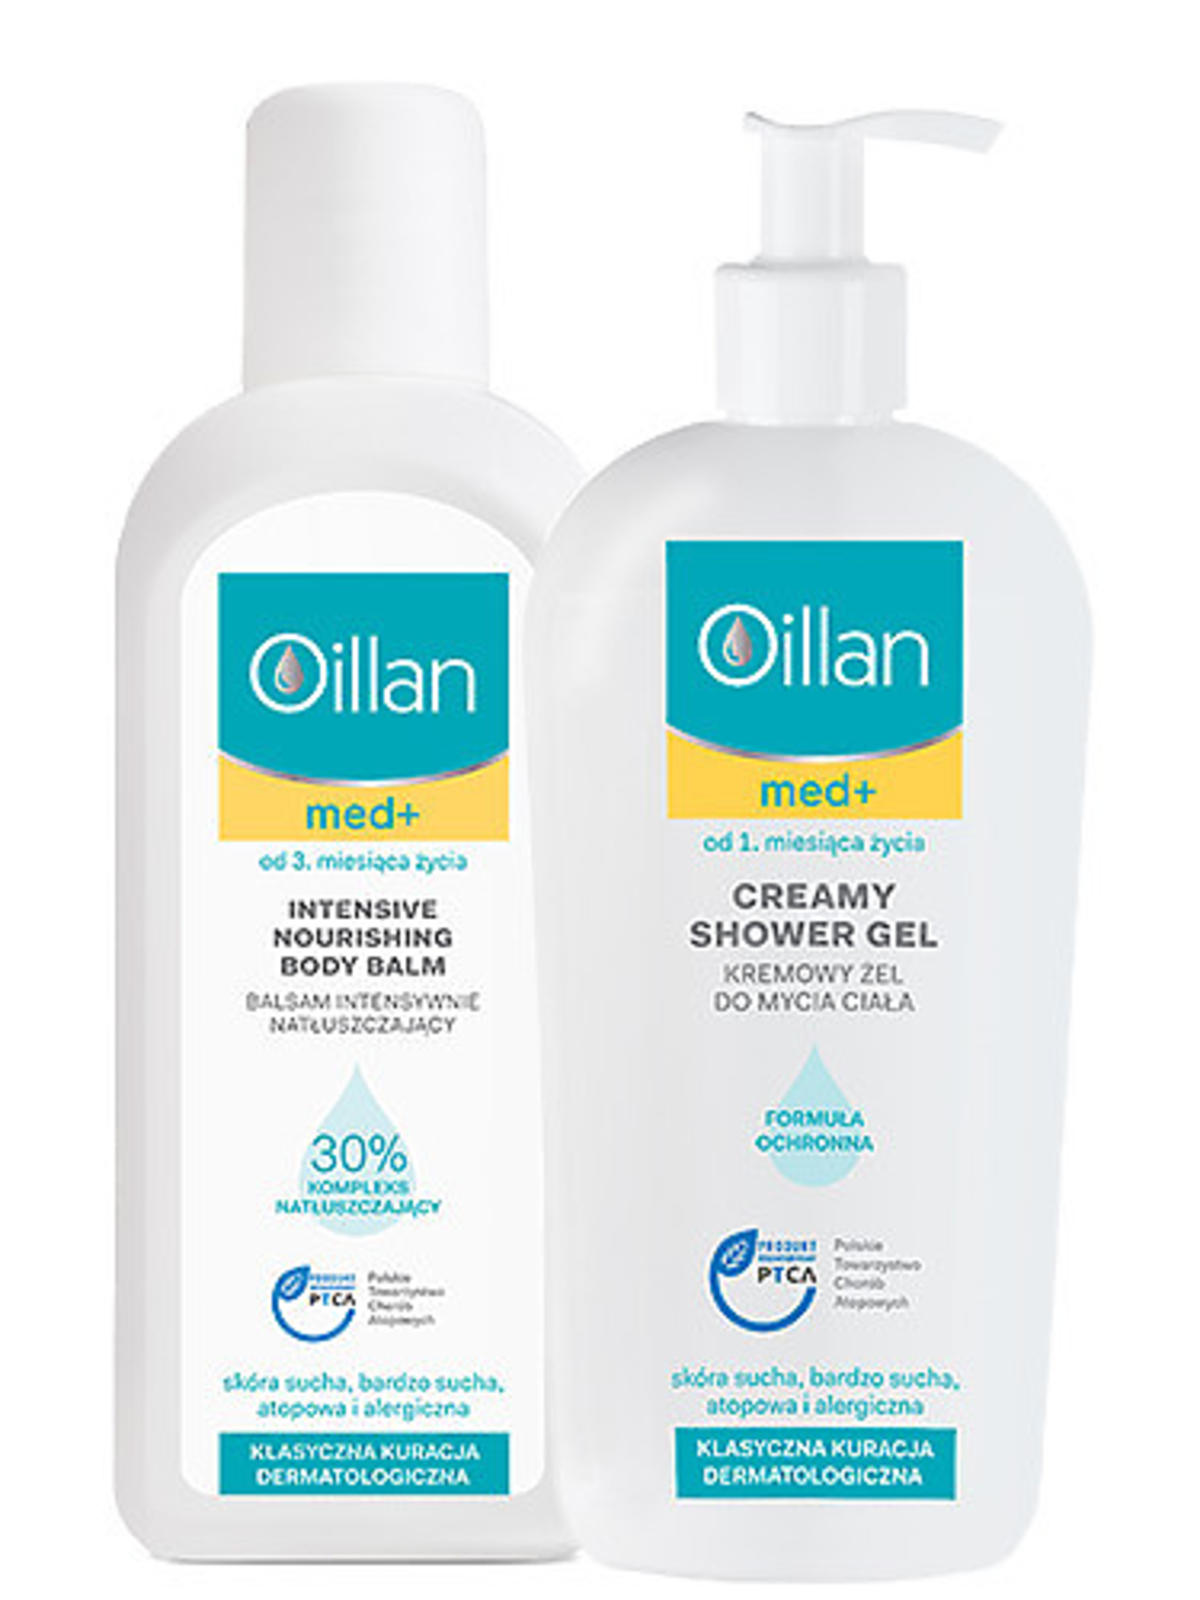 Produkty Oillan